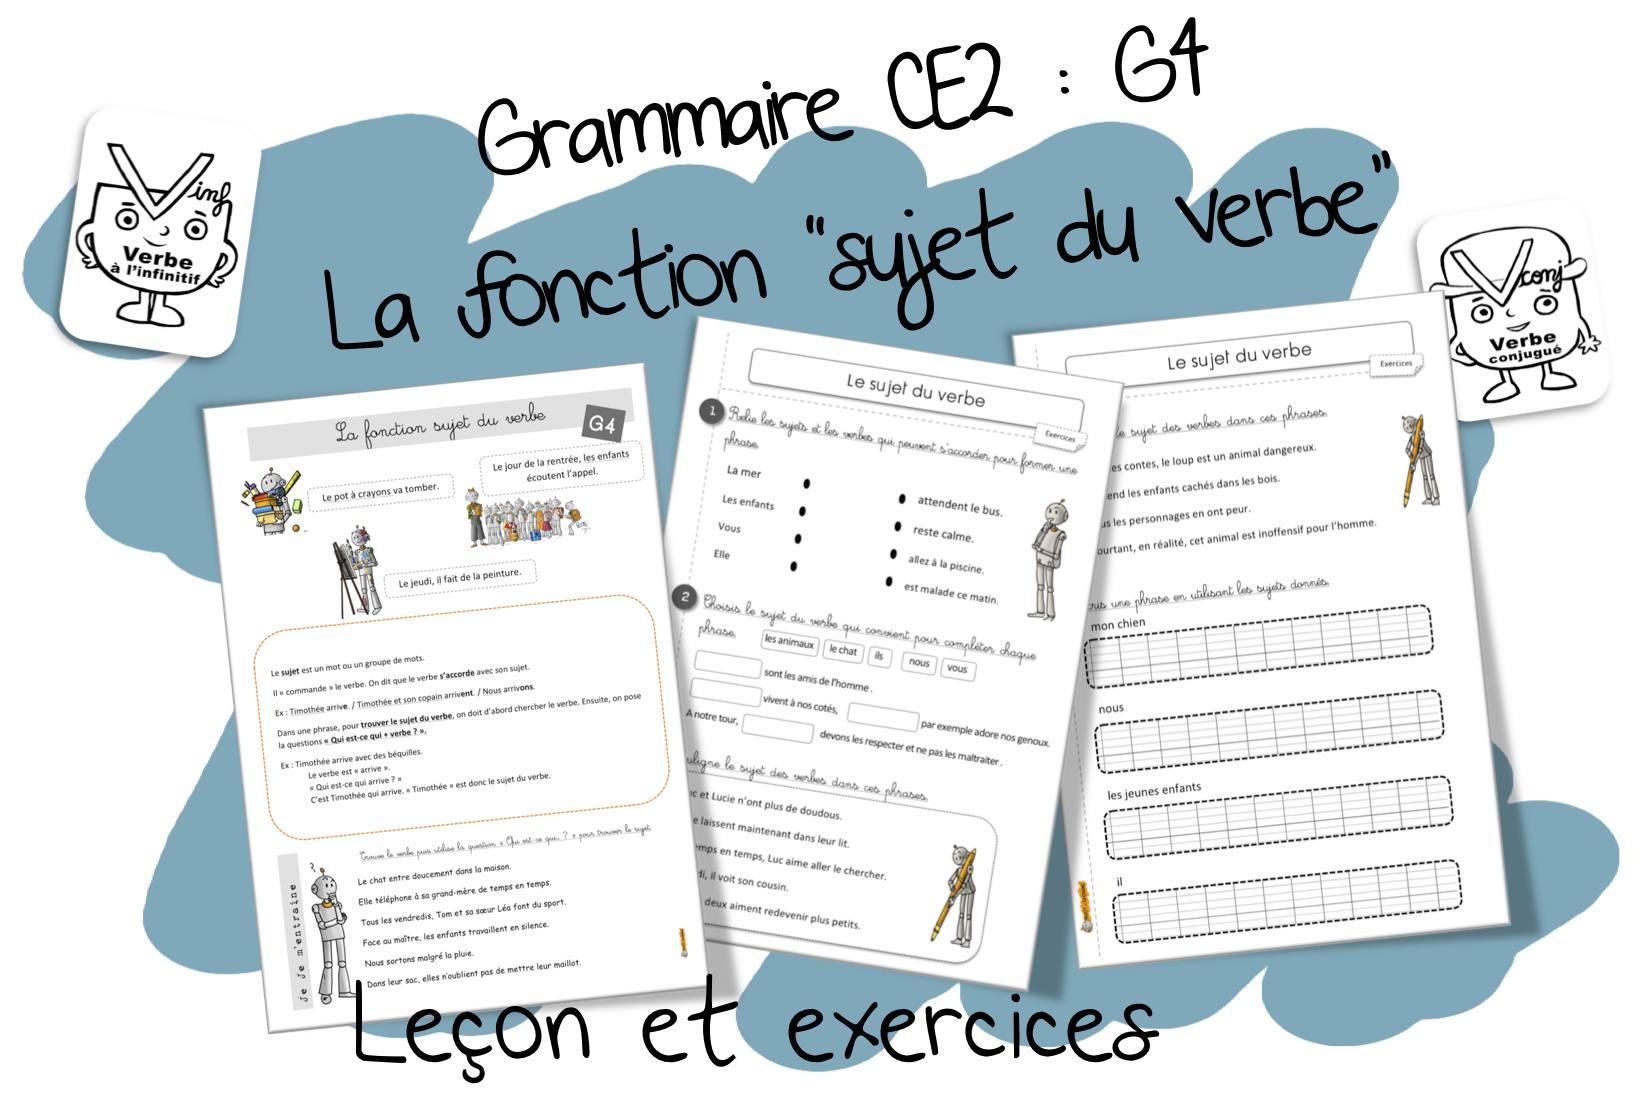 réussir en grammaire au ce2 g4 la fonction sujet du verbe